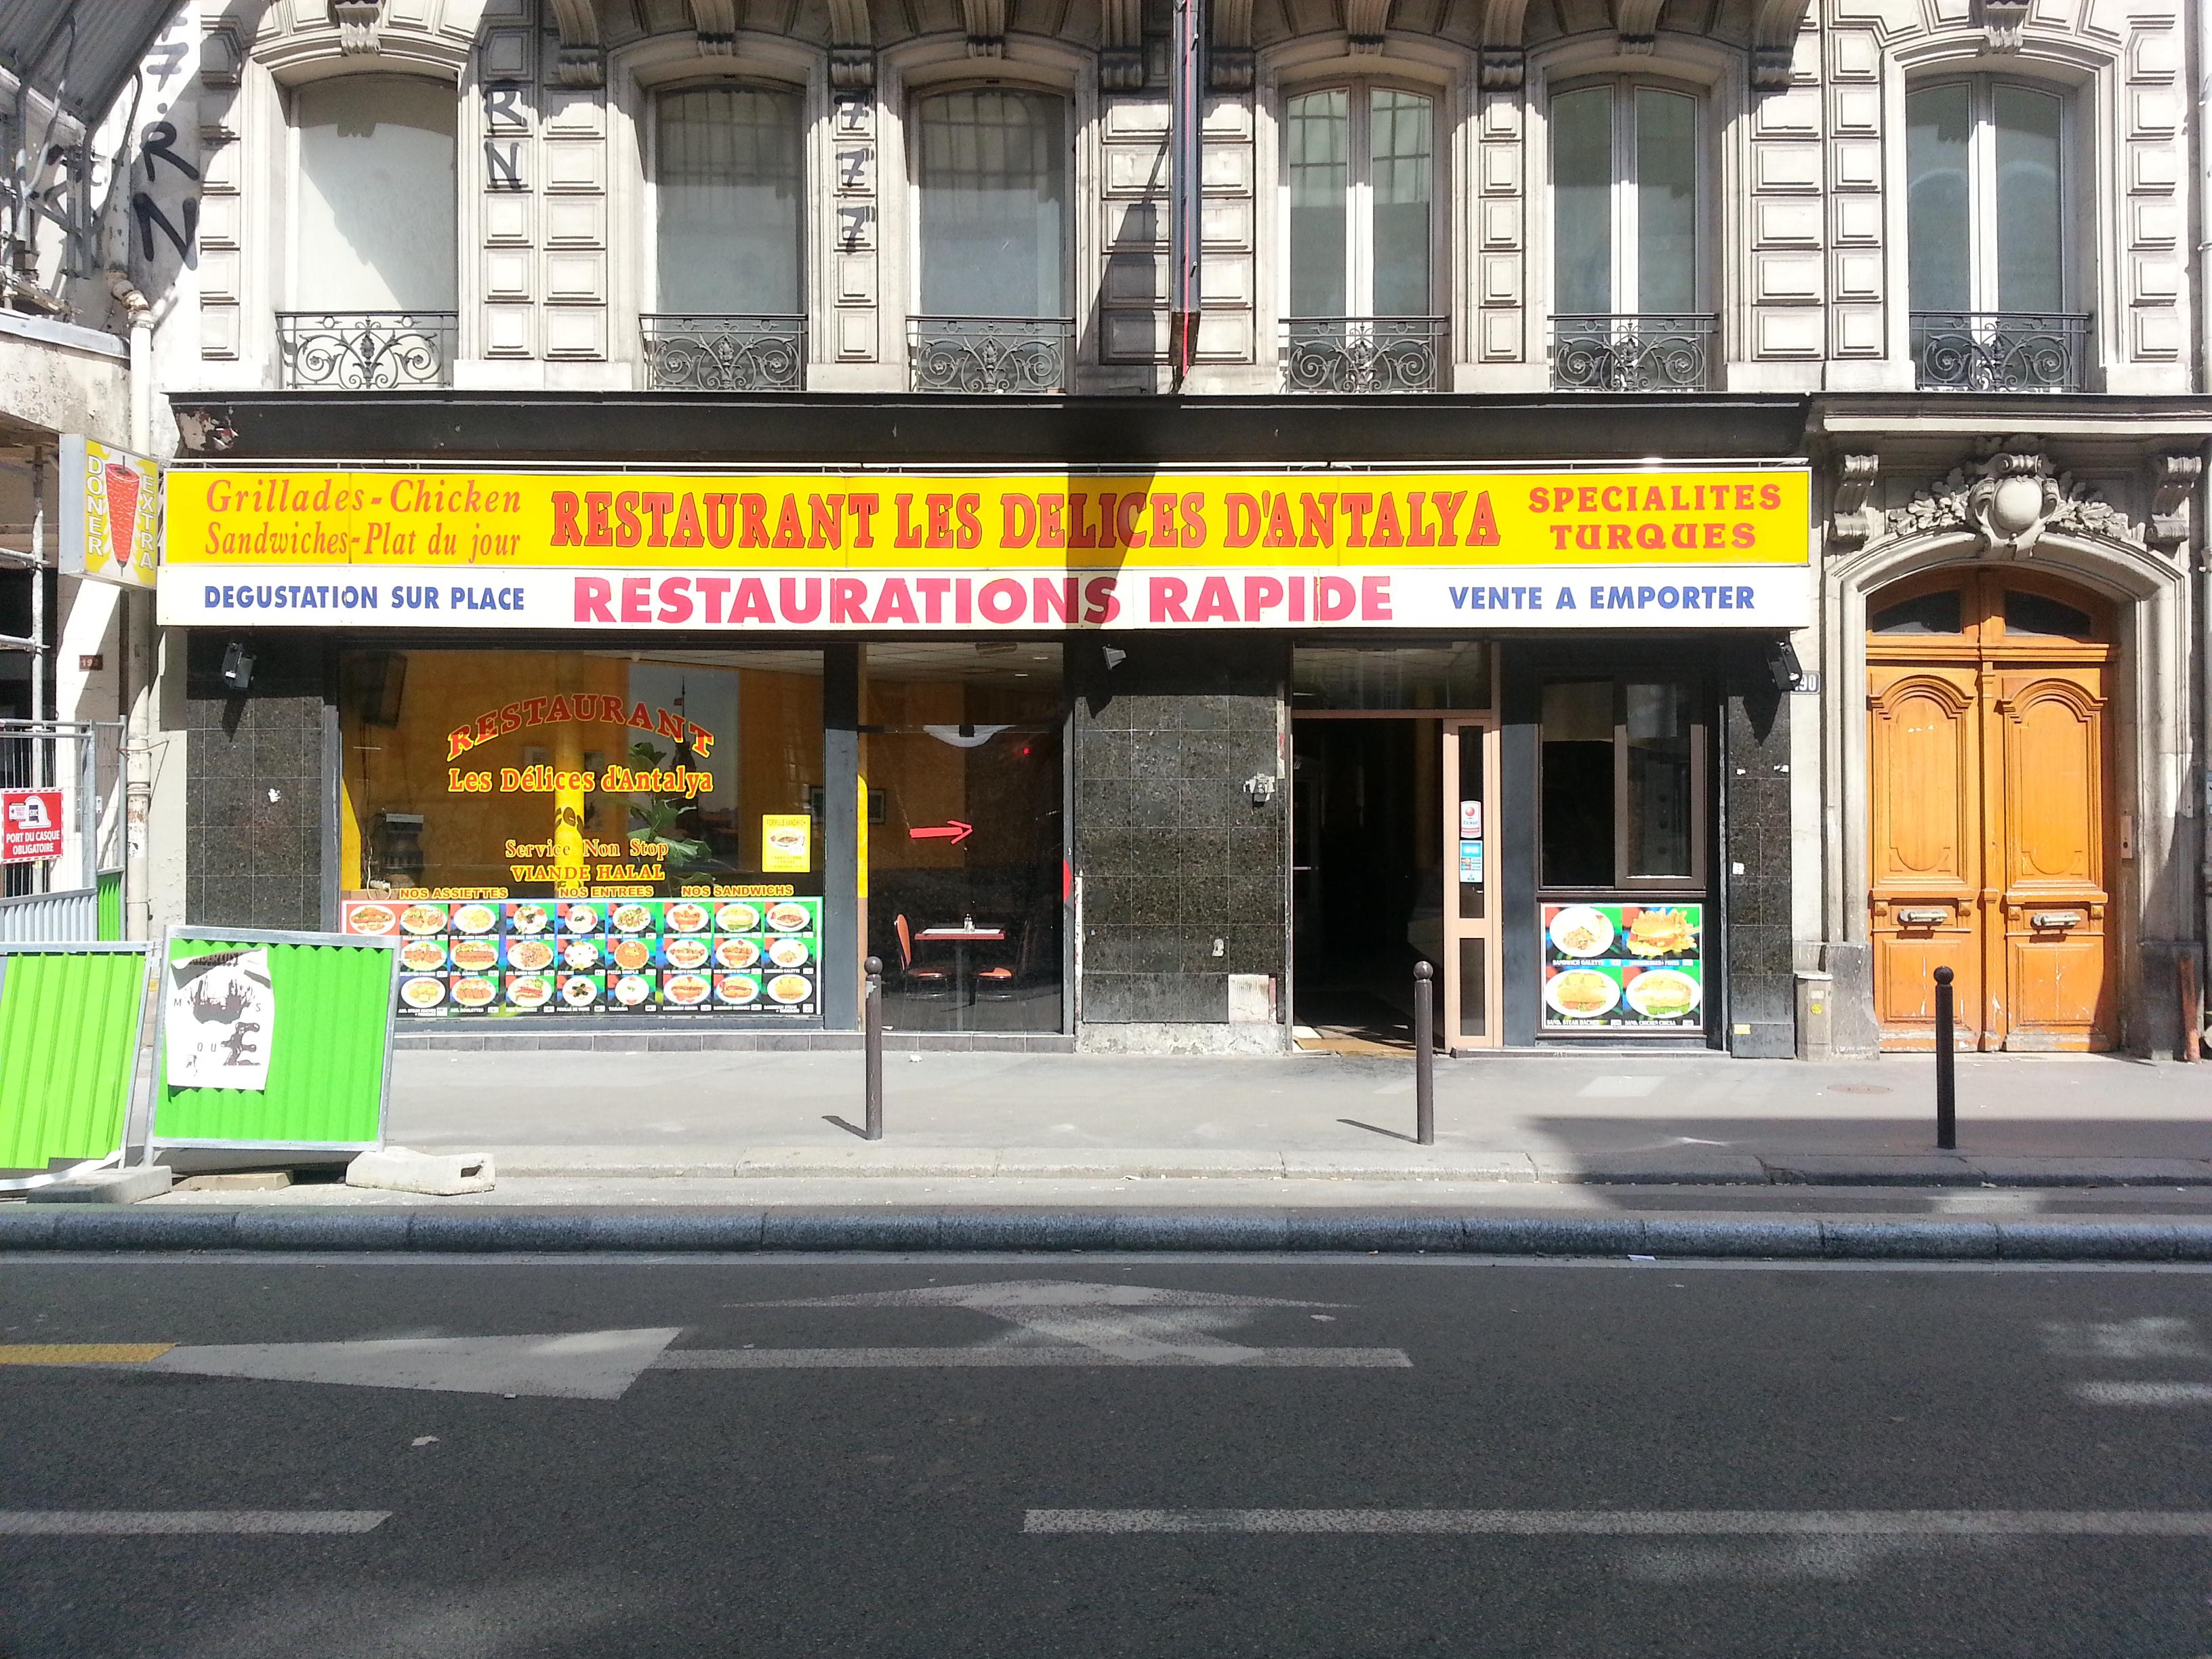 Délices d'Antalya à Paris 19